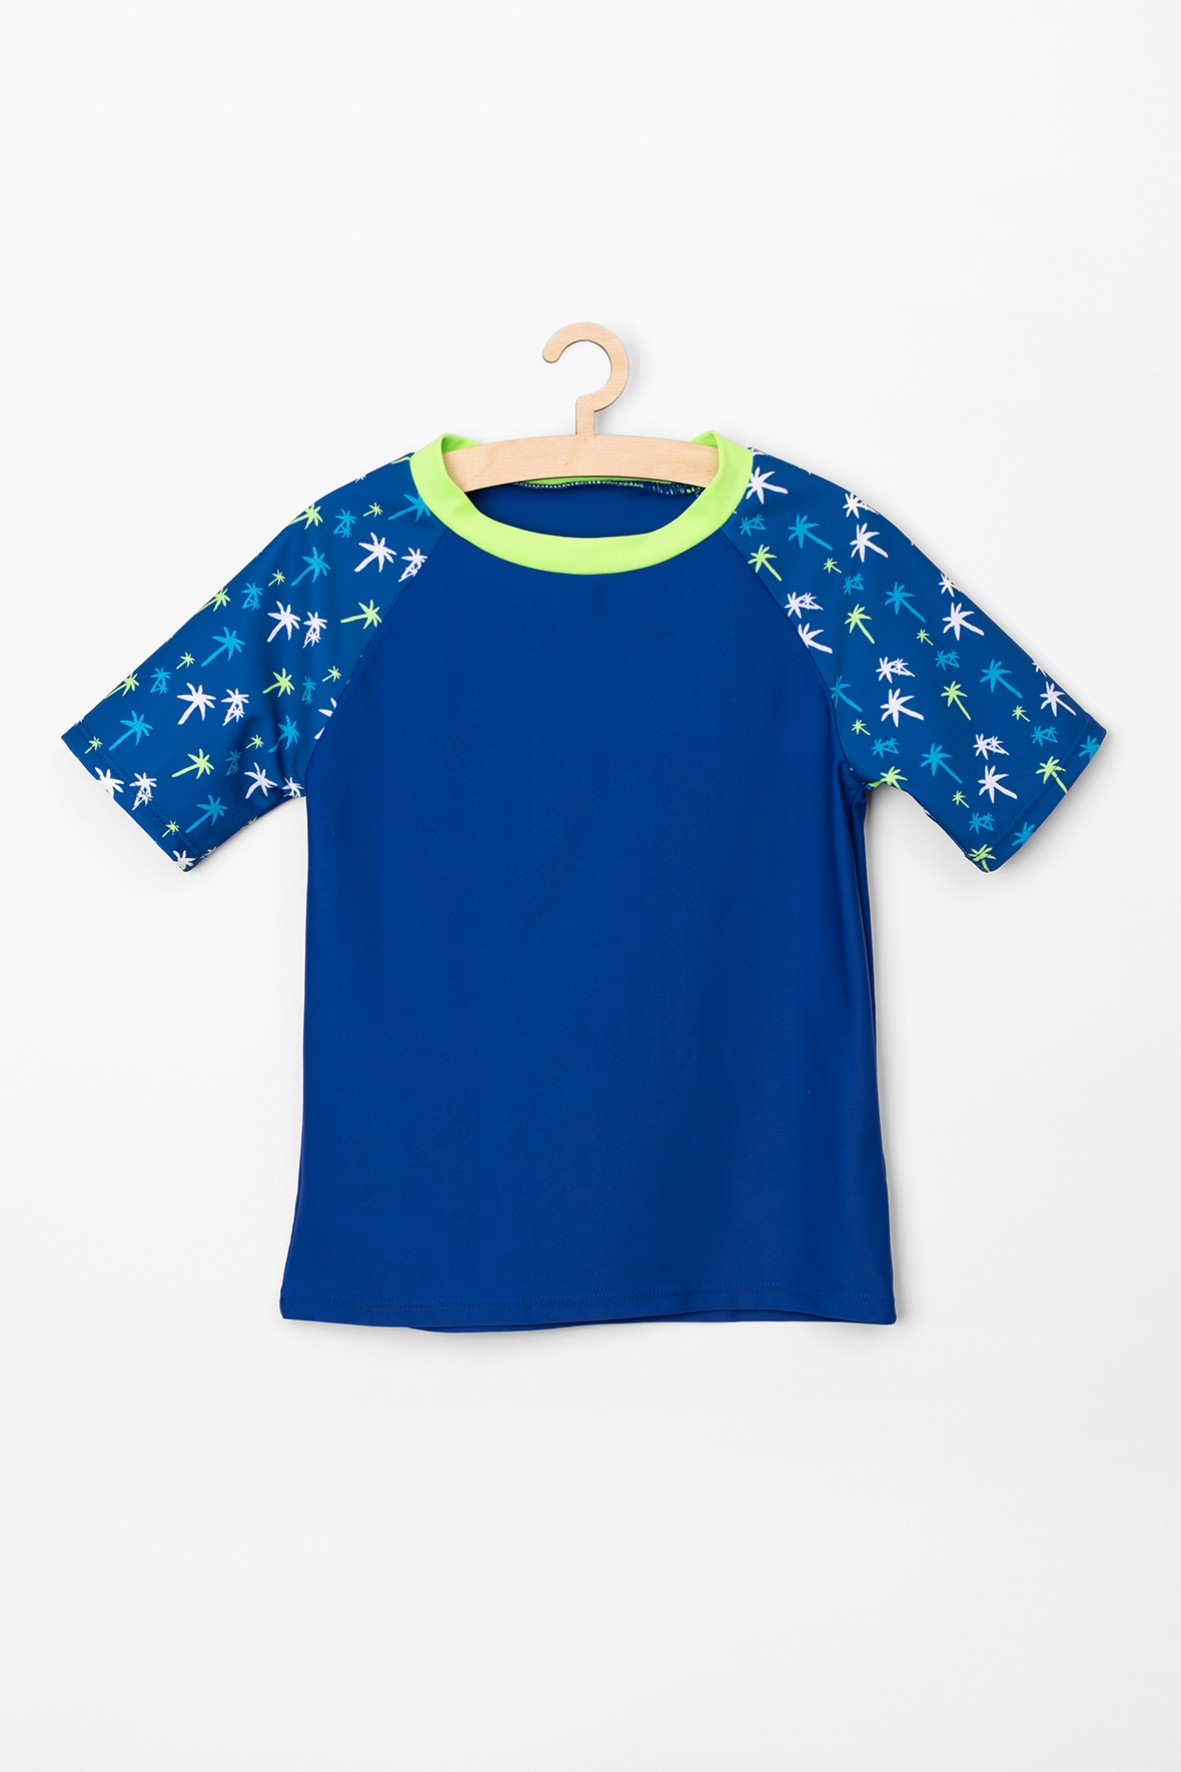 Granatowy t-shirt kąpielowy dla chłopca